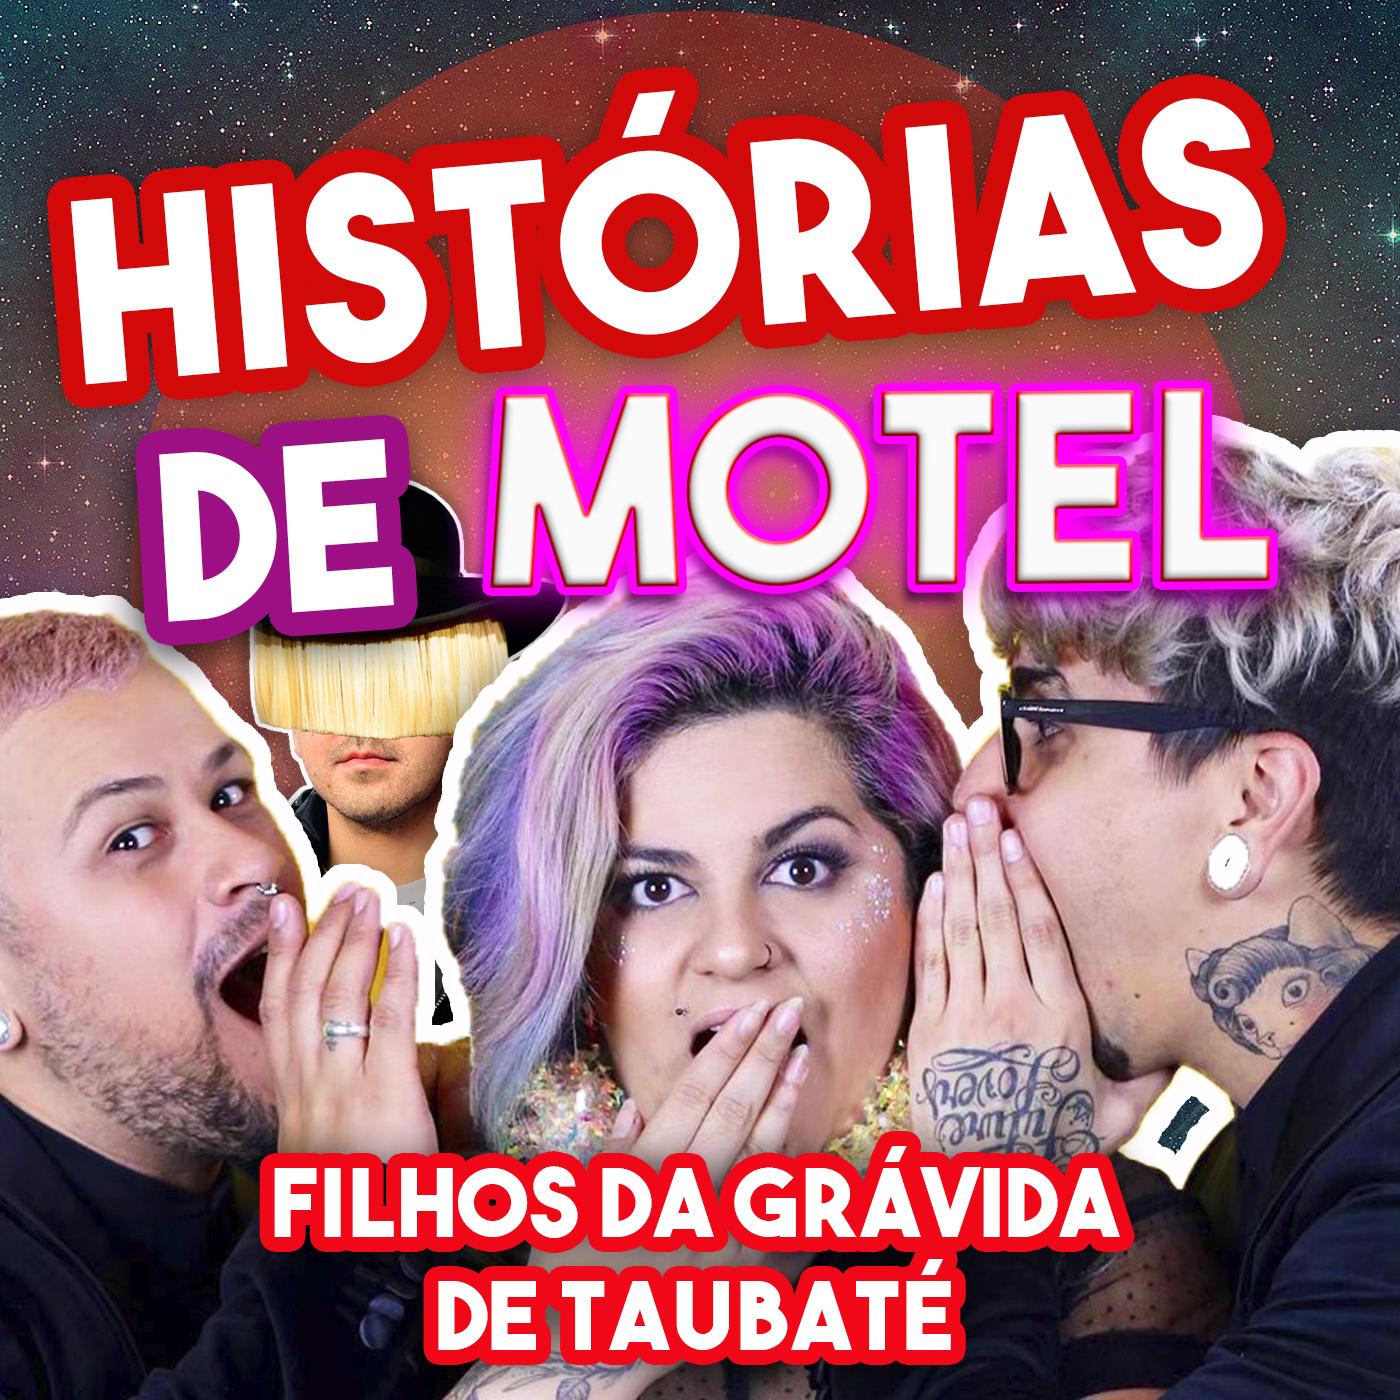 #125 - Histórias de Motel